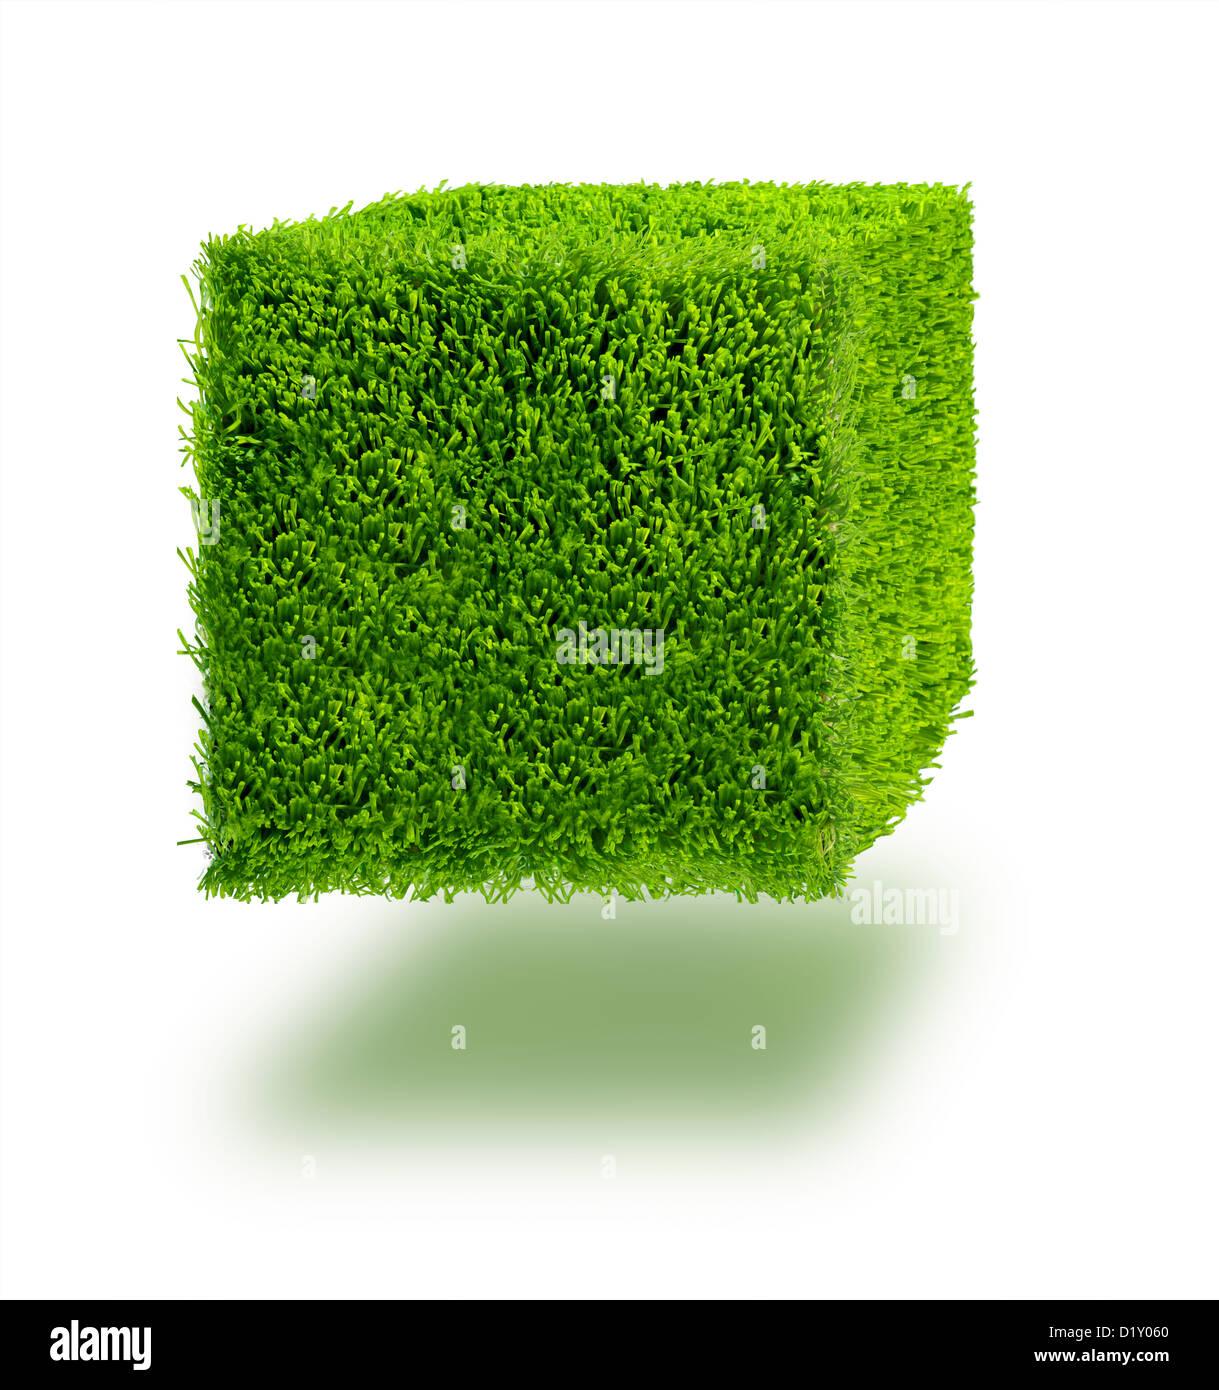 Würfel des Grases vor einem weißen Hintergrund Stockbild